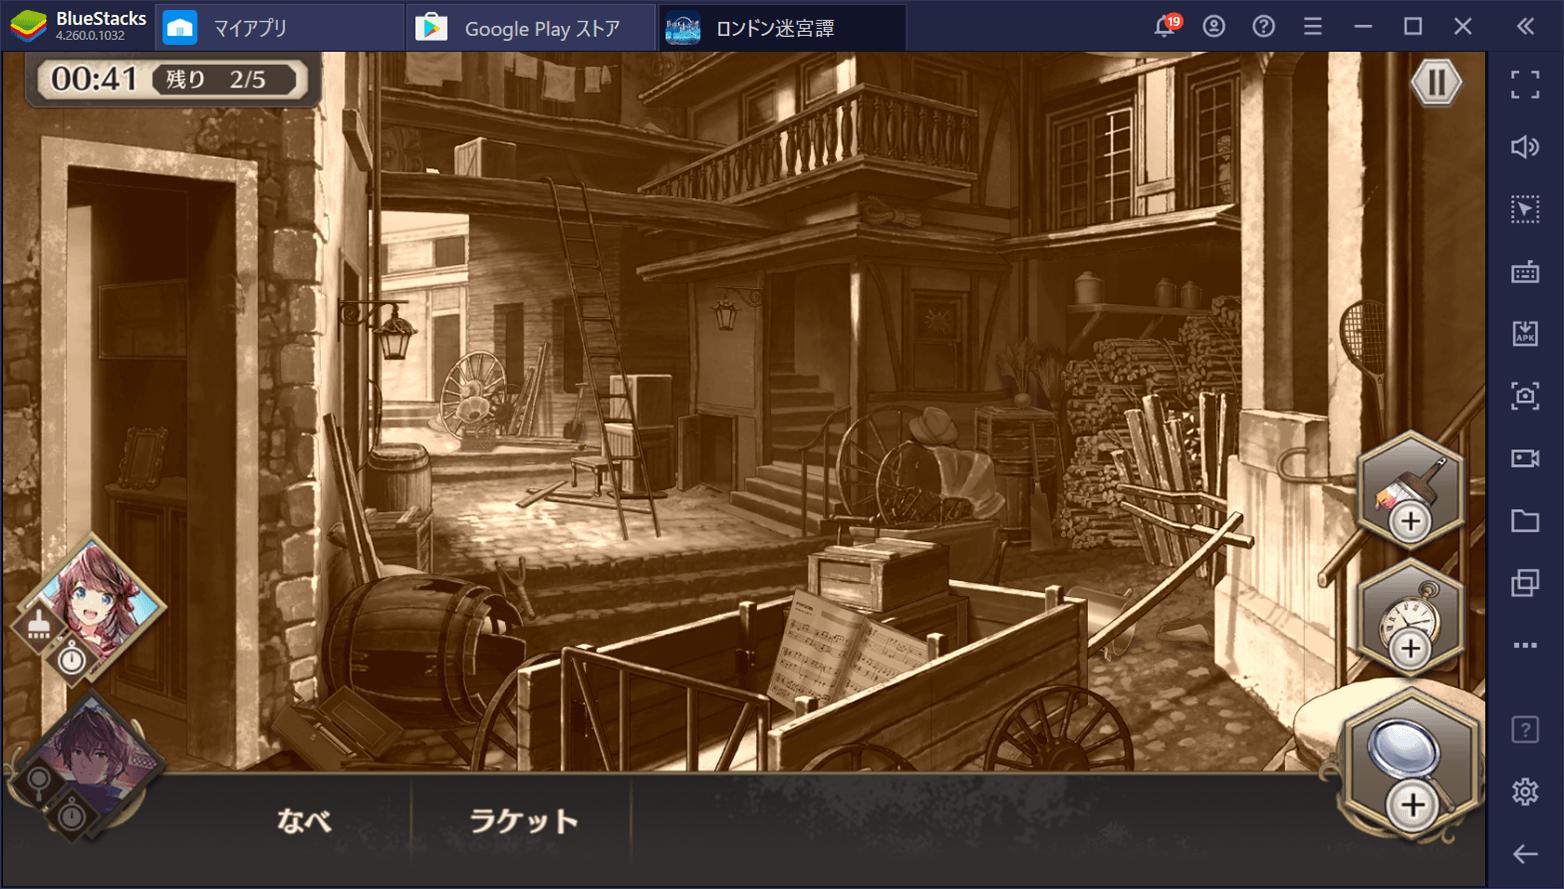 BlueStacksを使ってPCで『ロンドン迷宮譚 : 本格ミステリー×アイテム探しゲーム 』を遊ぼう